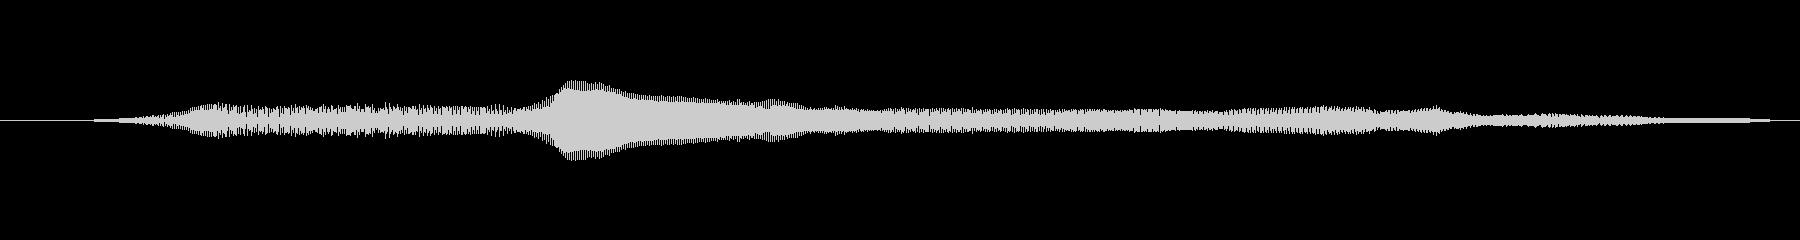 鳴き声 女性の応援はい08の未再生の波形